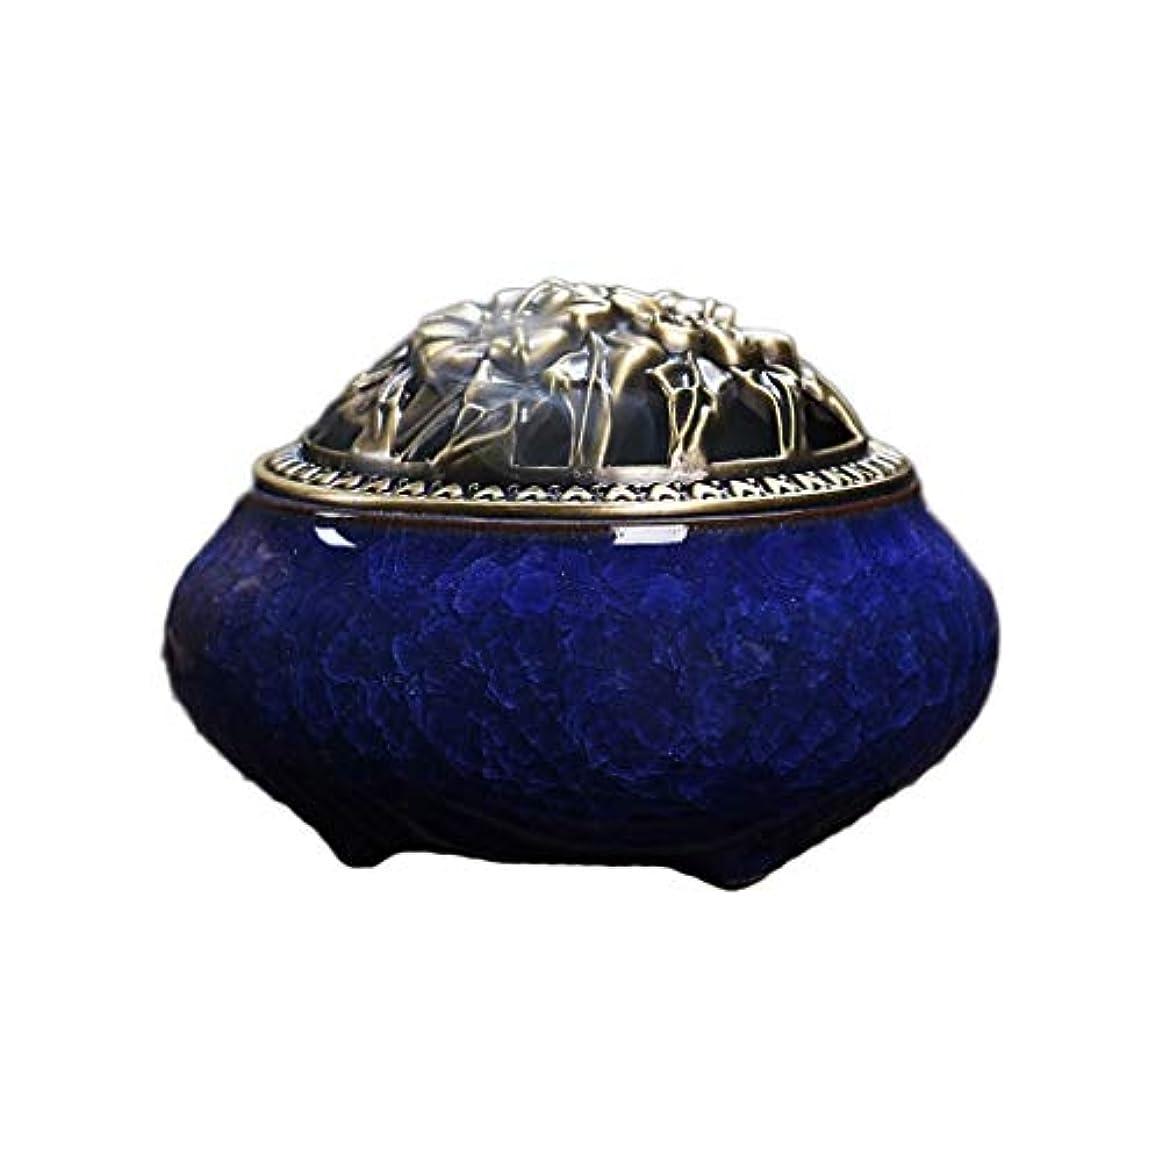 磁器セラミック香炉灰キャッチャー香スティック/コーン/コイルバーナーホルダーホームルーム仏教の装飾香ホルダー (Color : Blue)